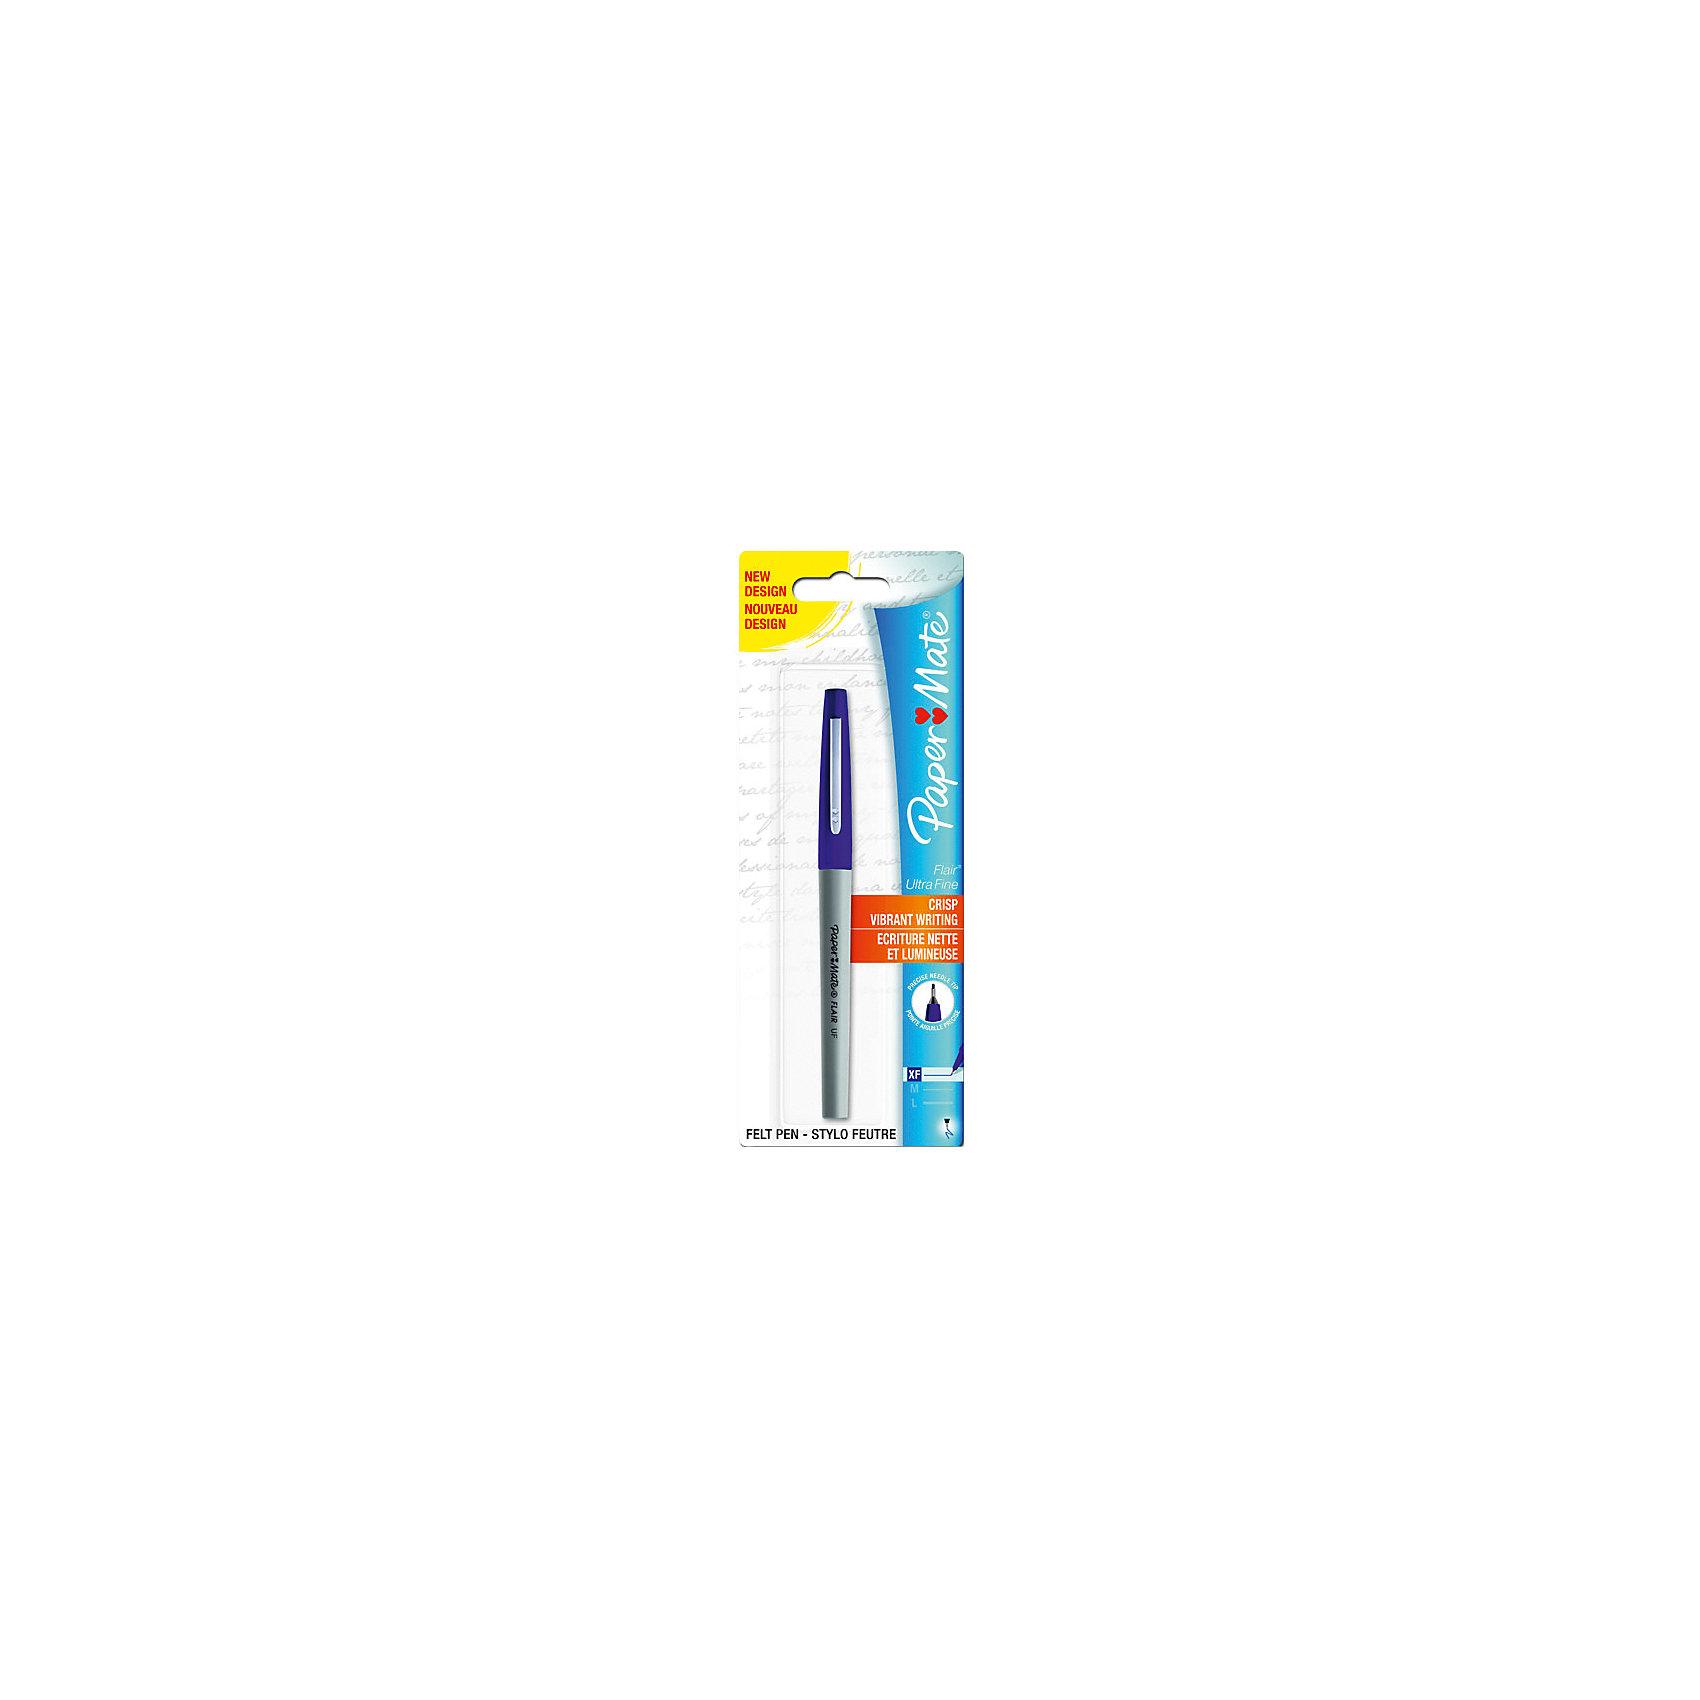 Ручка капилярная Paper mate Flair Uf, синяяПисьменные принадлежности<br>Ручка шариковая.<br>Карманный зажим.<br>4 цвета в одной ручке: черный, зеленый, синий, красный.<br><br>Ширина мм: 140<br>Глубина мм: 10<br>Высота мм: 10<br>Вес г: 16<br>Возраст от месяцев: 36<br>Возраст до месяцев: 2147483647<br>Пол: Унисекс<br>Возраст: Детский<br>SKU: 6884849